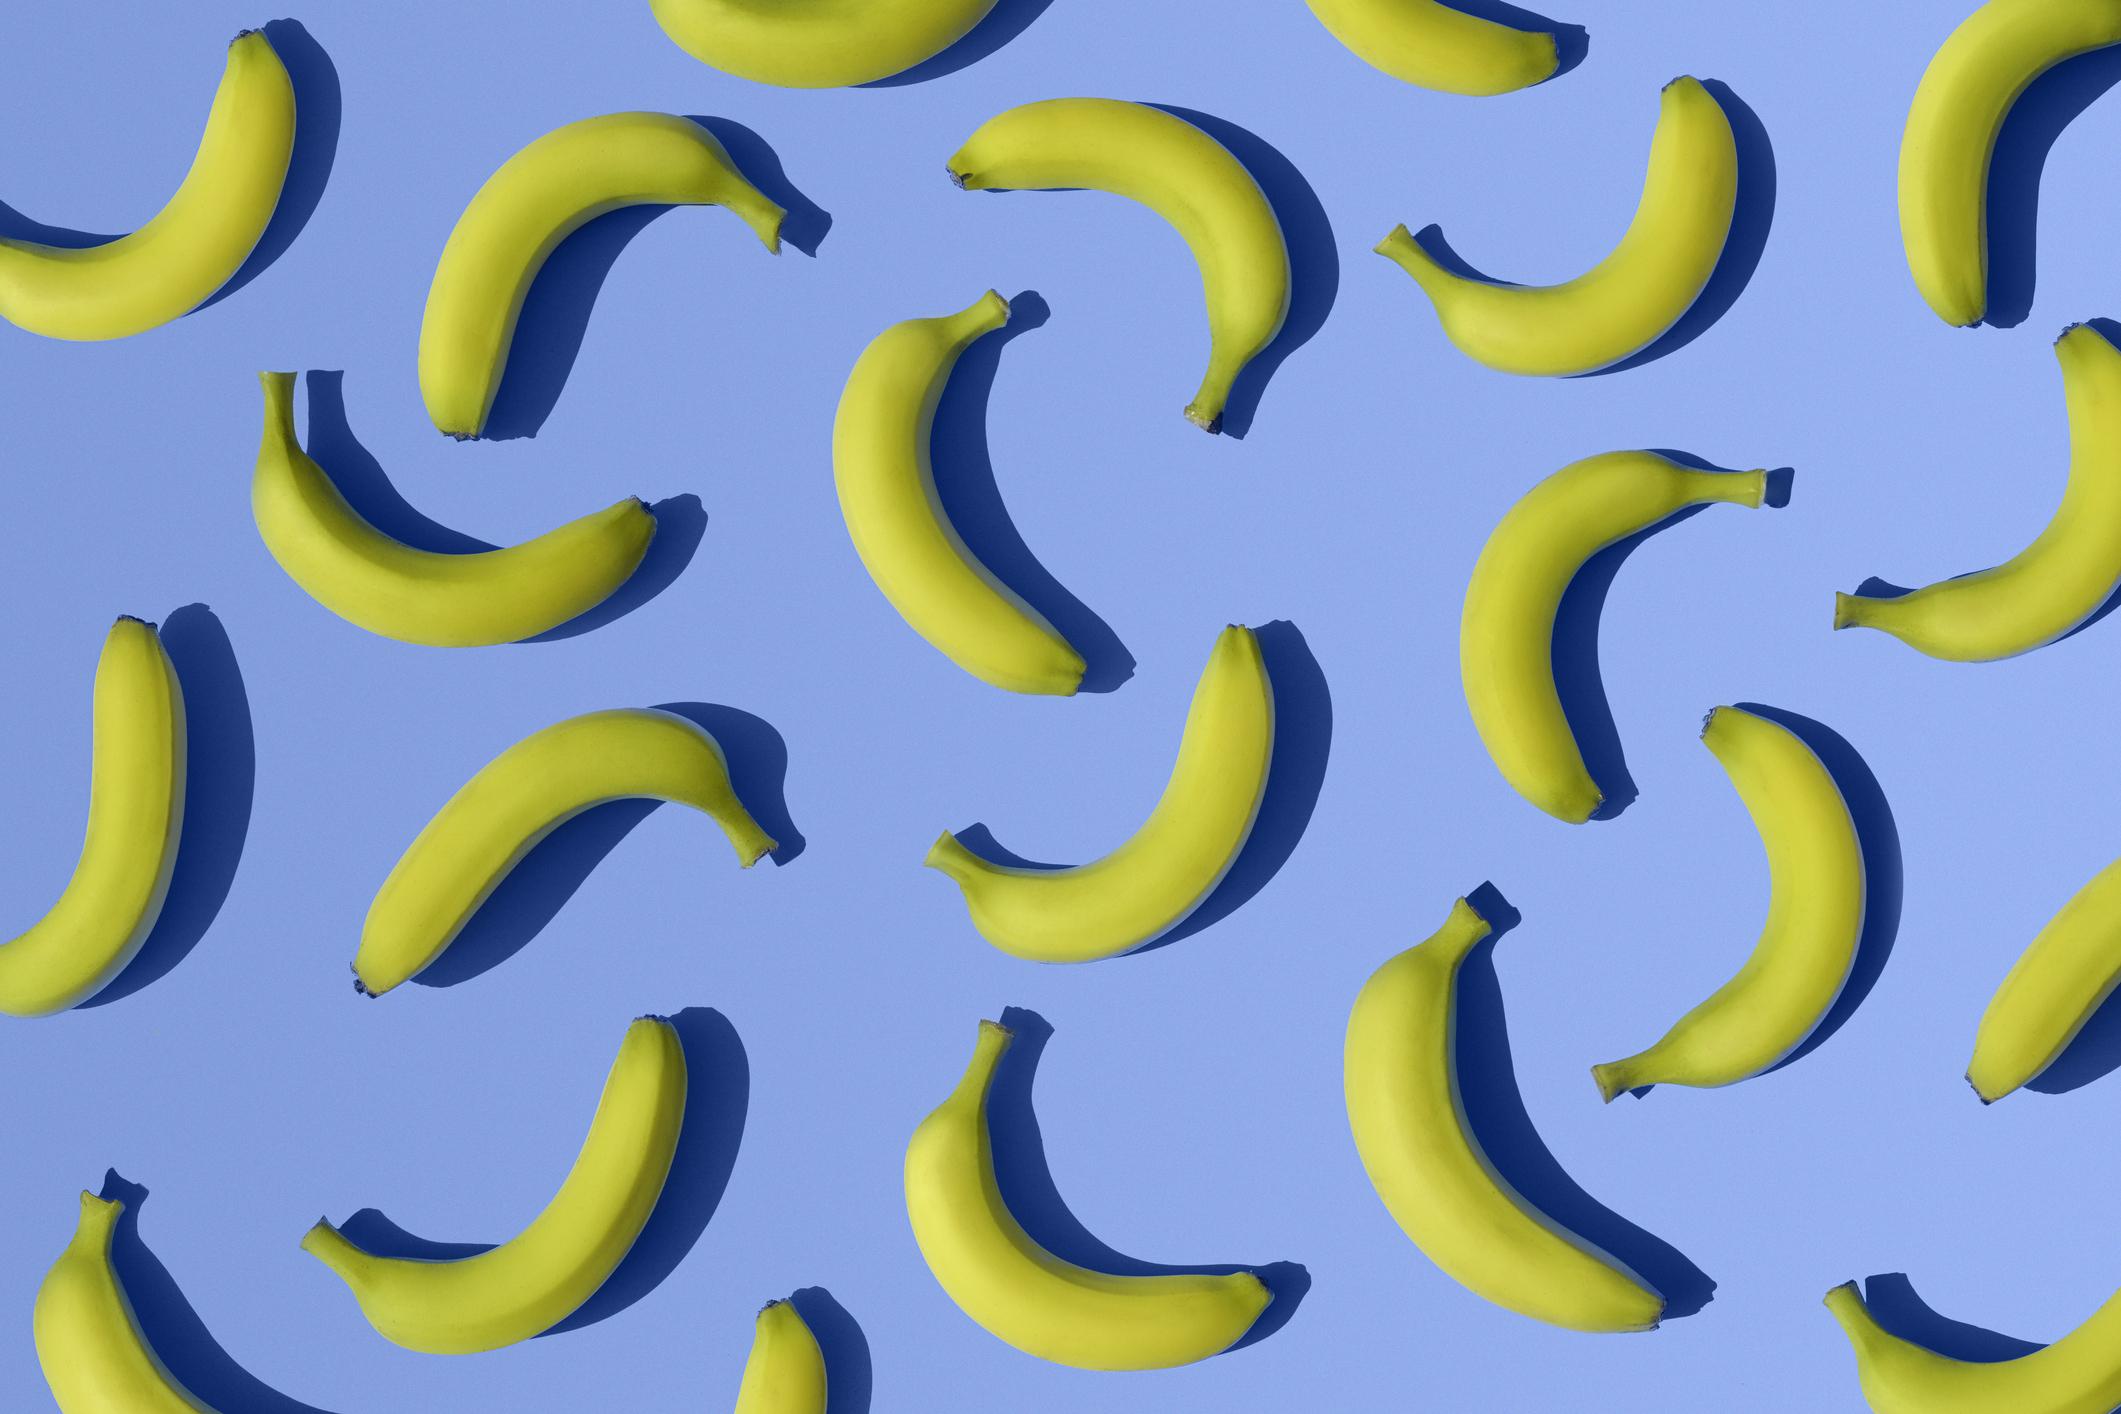 Картинка с синим фоном и бананами, хорошей субботы прикольные